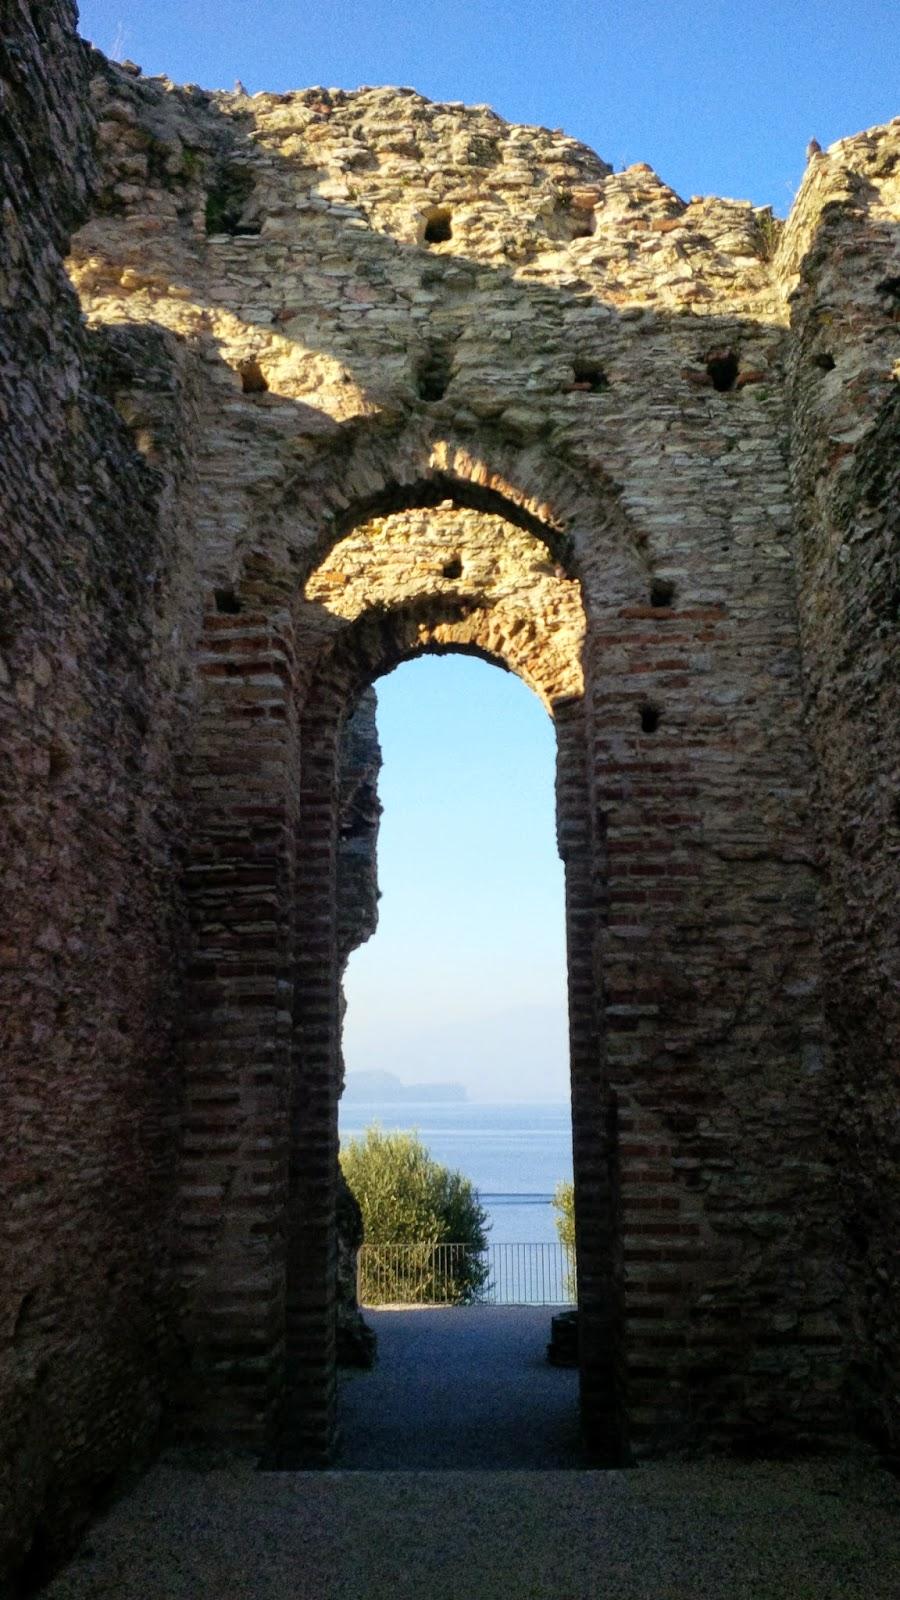 Lake Garda seen from Grotte di Catullo